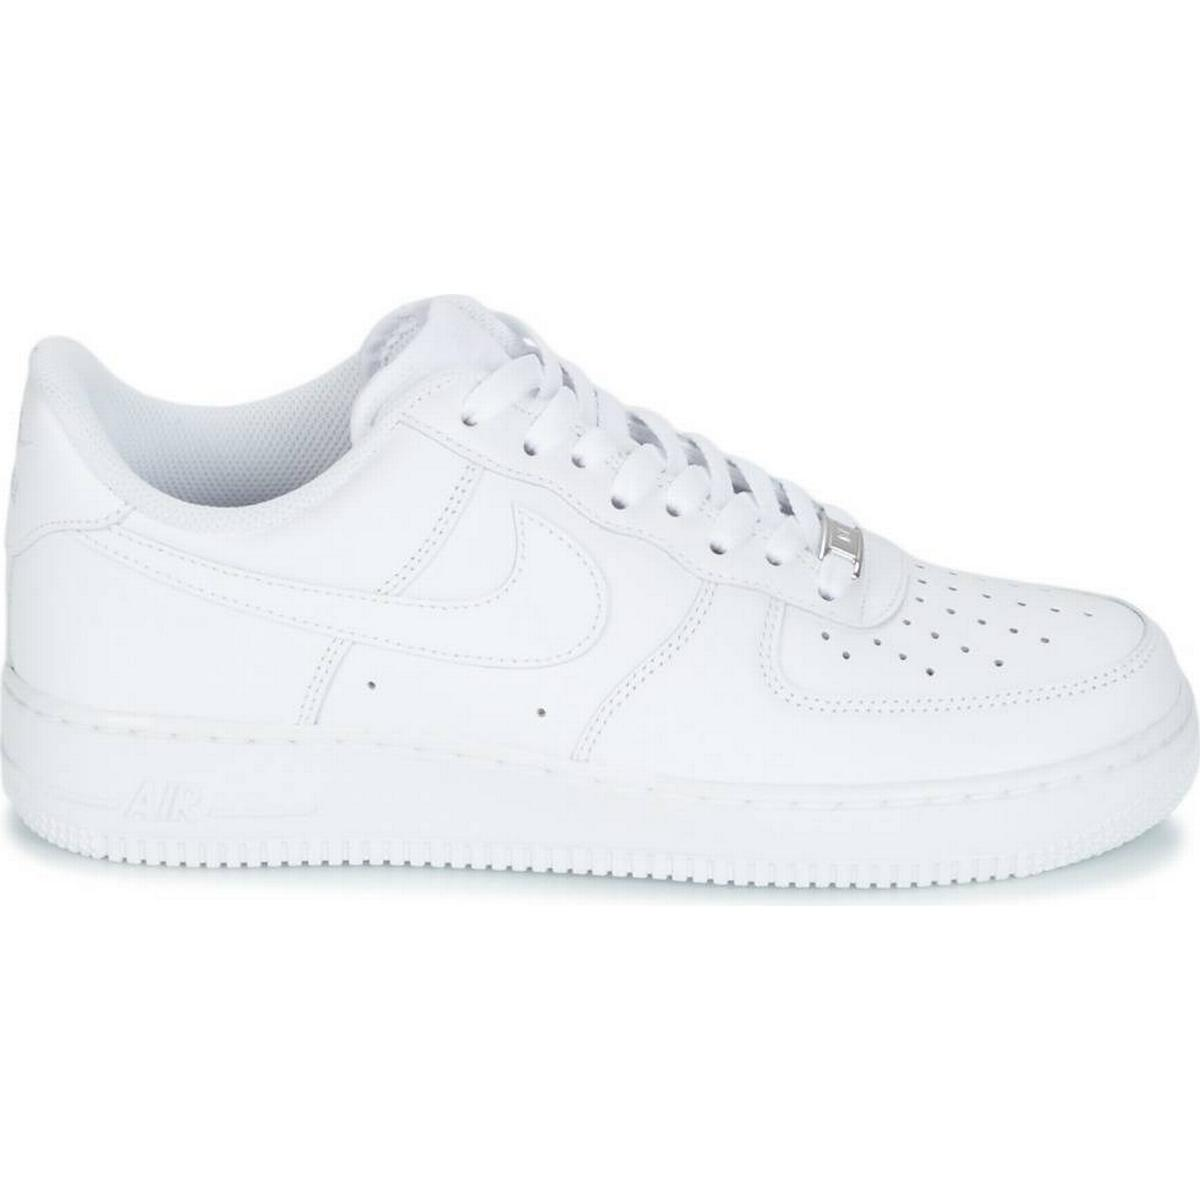 Billige Nike Air Force 1 Ultraforce Lav Sko HerreDame I